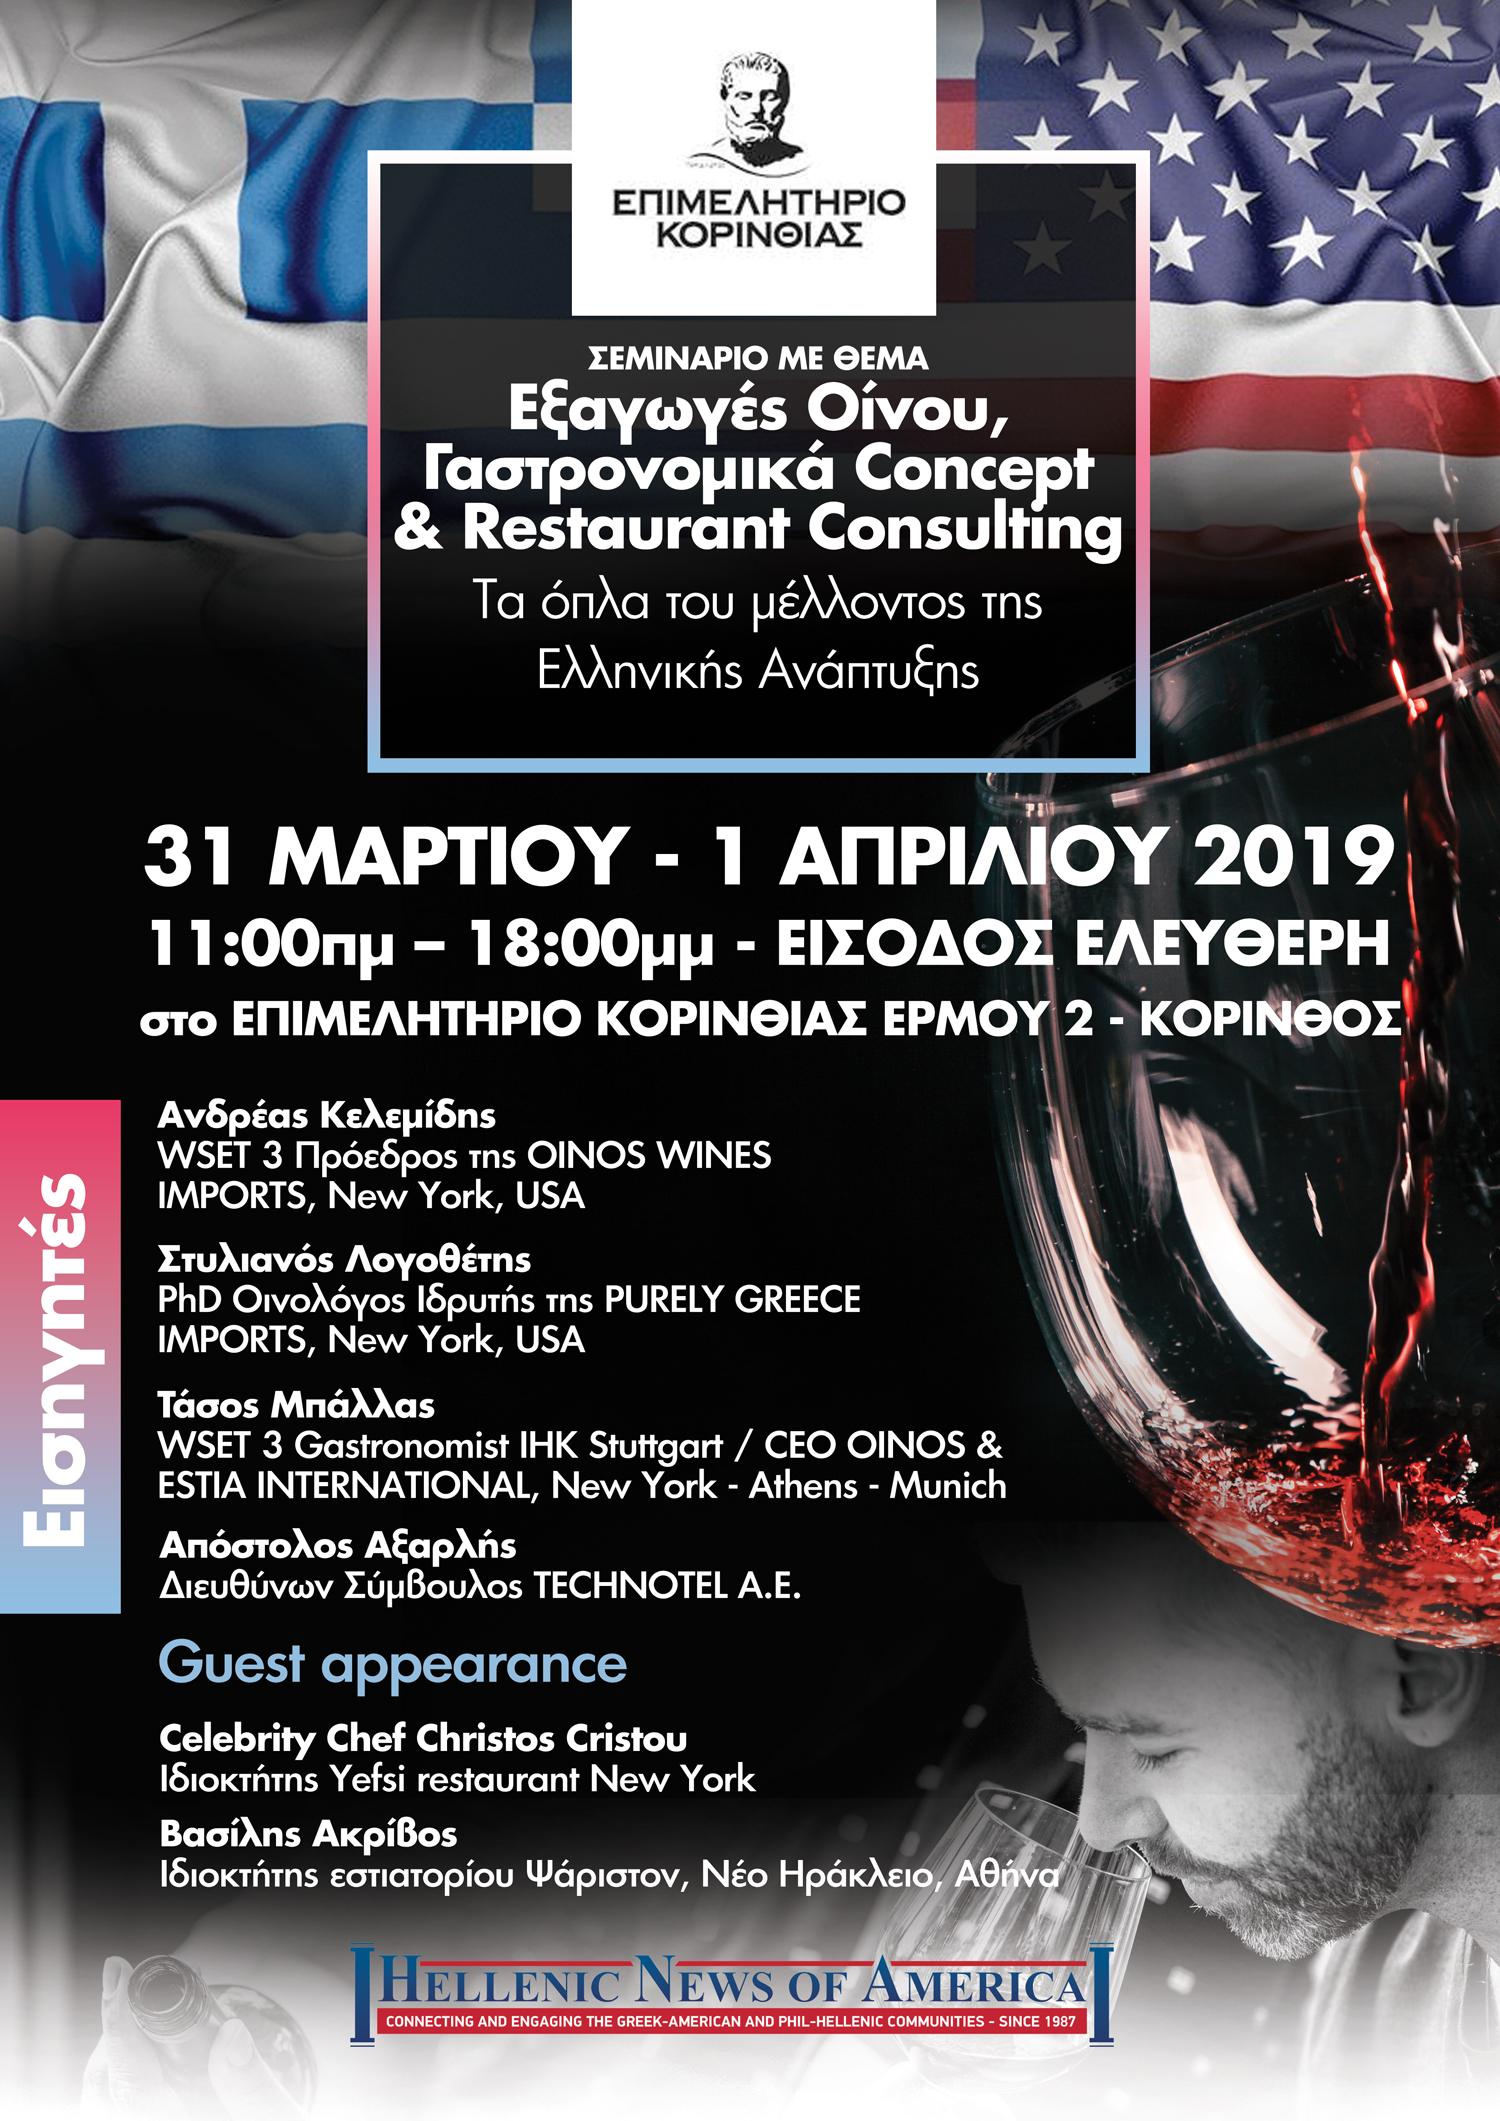 Αποτέλεσμα εικόνας για «Εξαγωγές οίνου & γαστρονομικά concept - Τα όπλα του μέλλοντος της Ελληνικής ανάπτυξης»